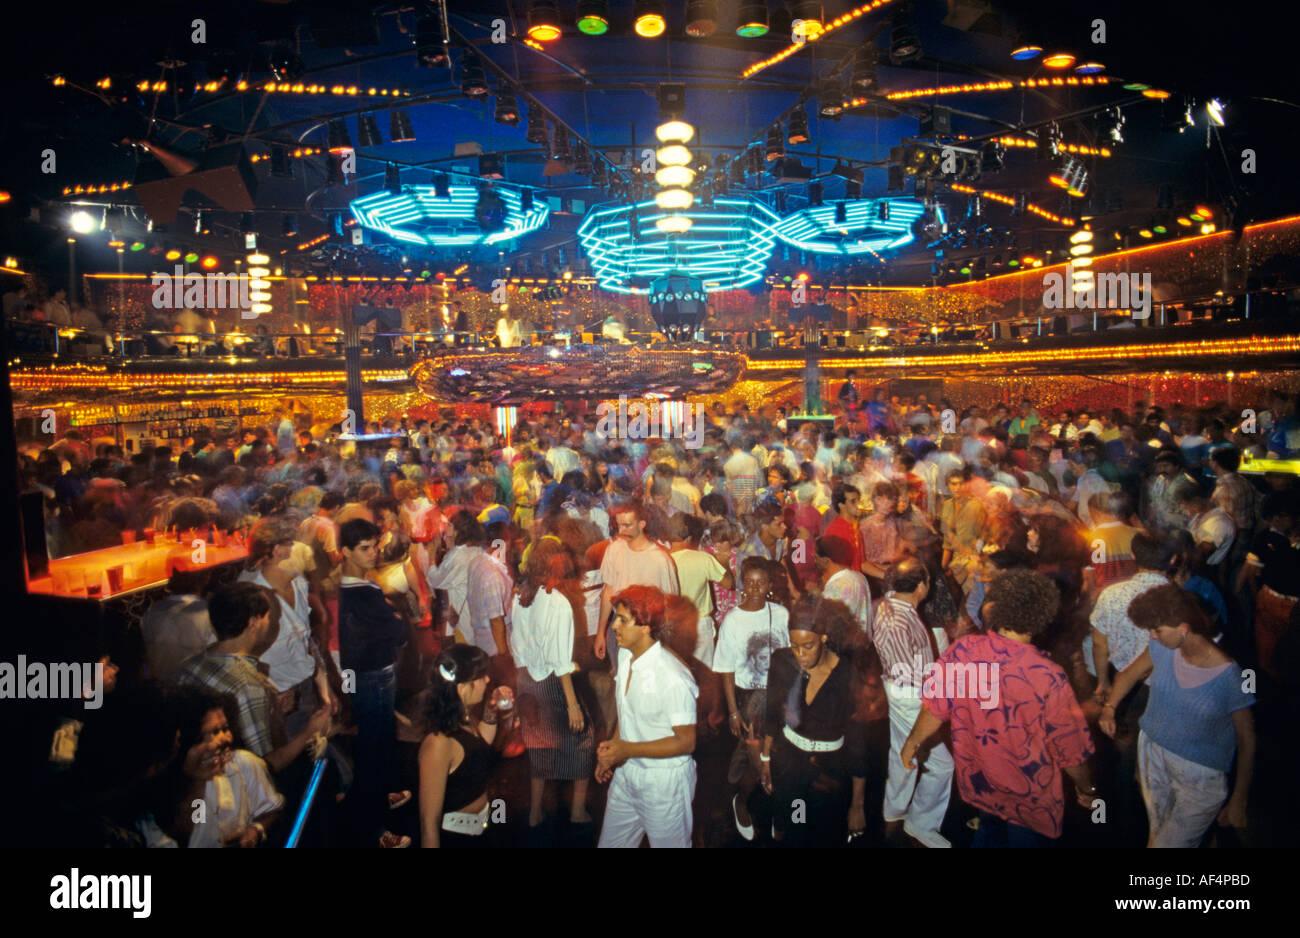 La folla di gente ballare la guida locale discoteca sulla grande pista da ballo con illuminazione colorata di Rio de Janeiro in Brasile Immagini Stock